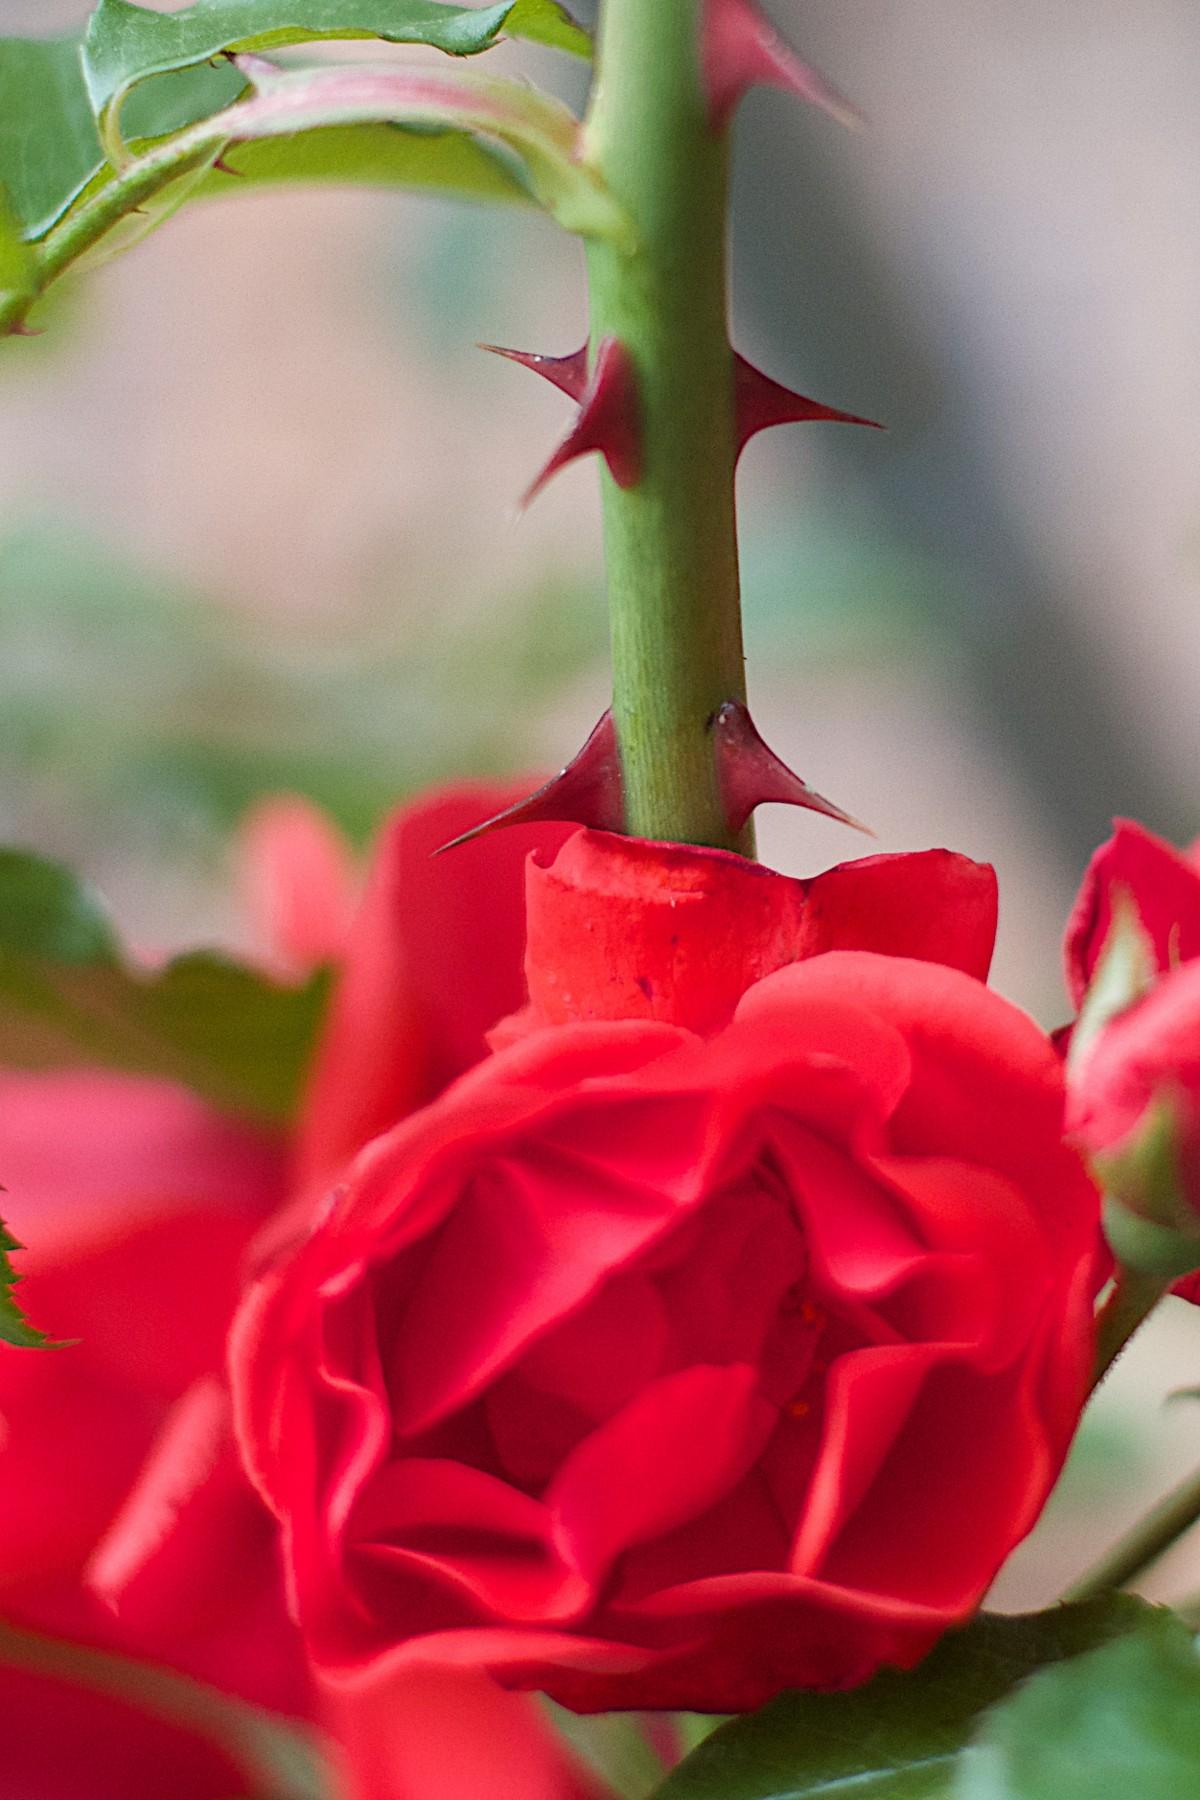 Картинка цветка роза с шипами